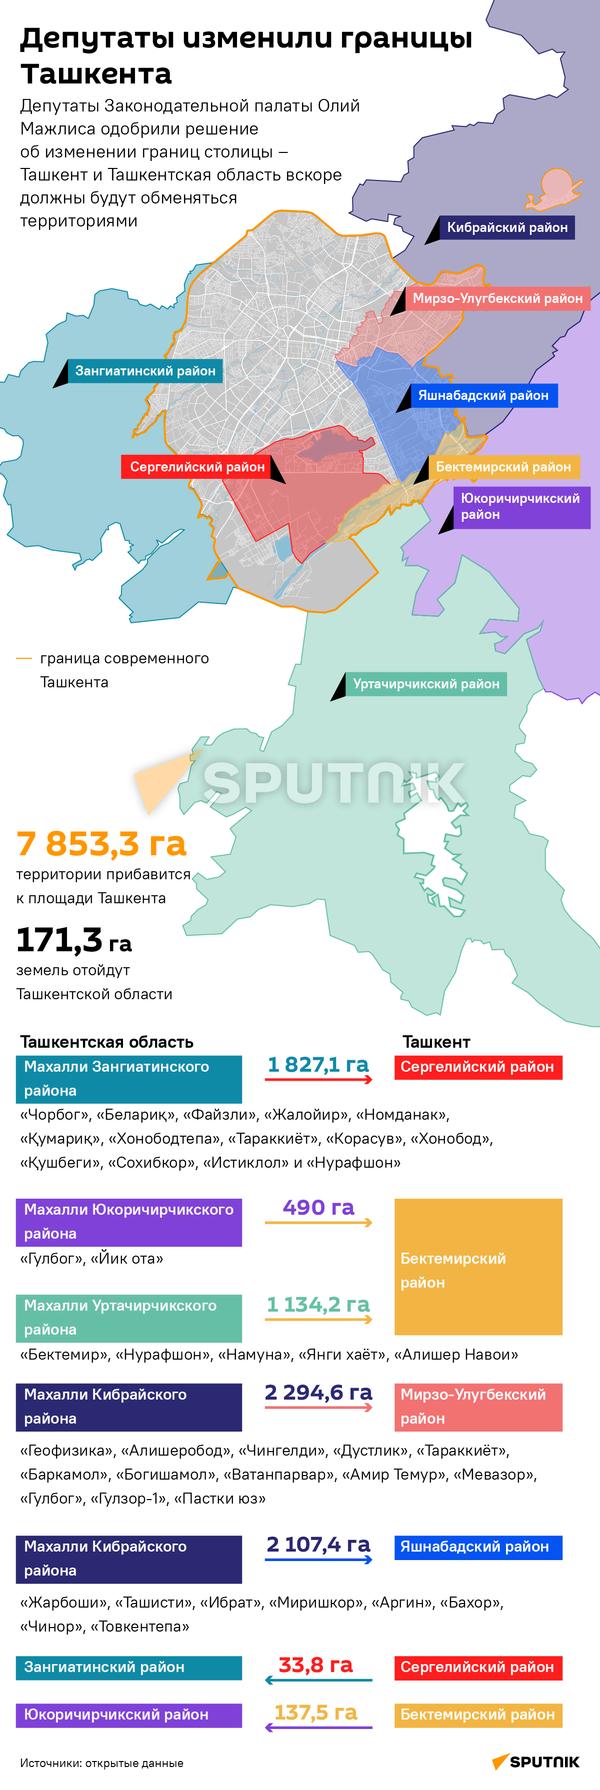 Изменение границ Ташкента деск - Sputnik Узбекистан